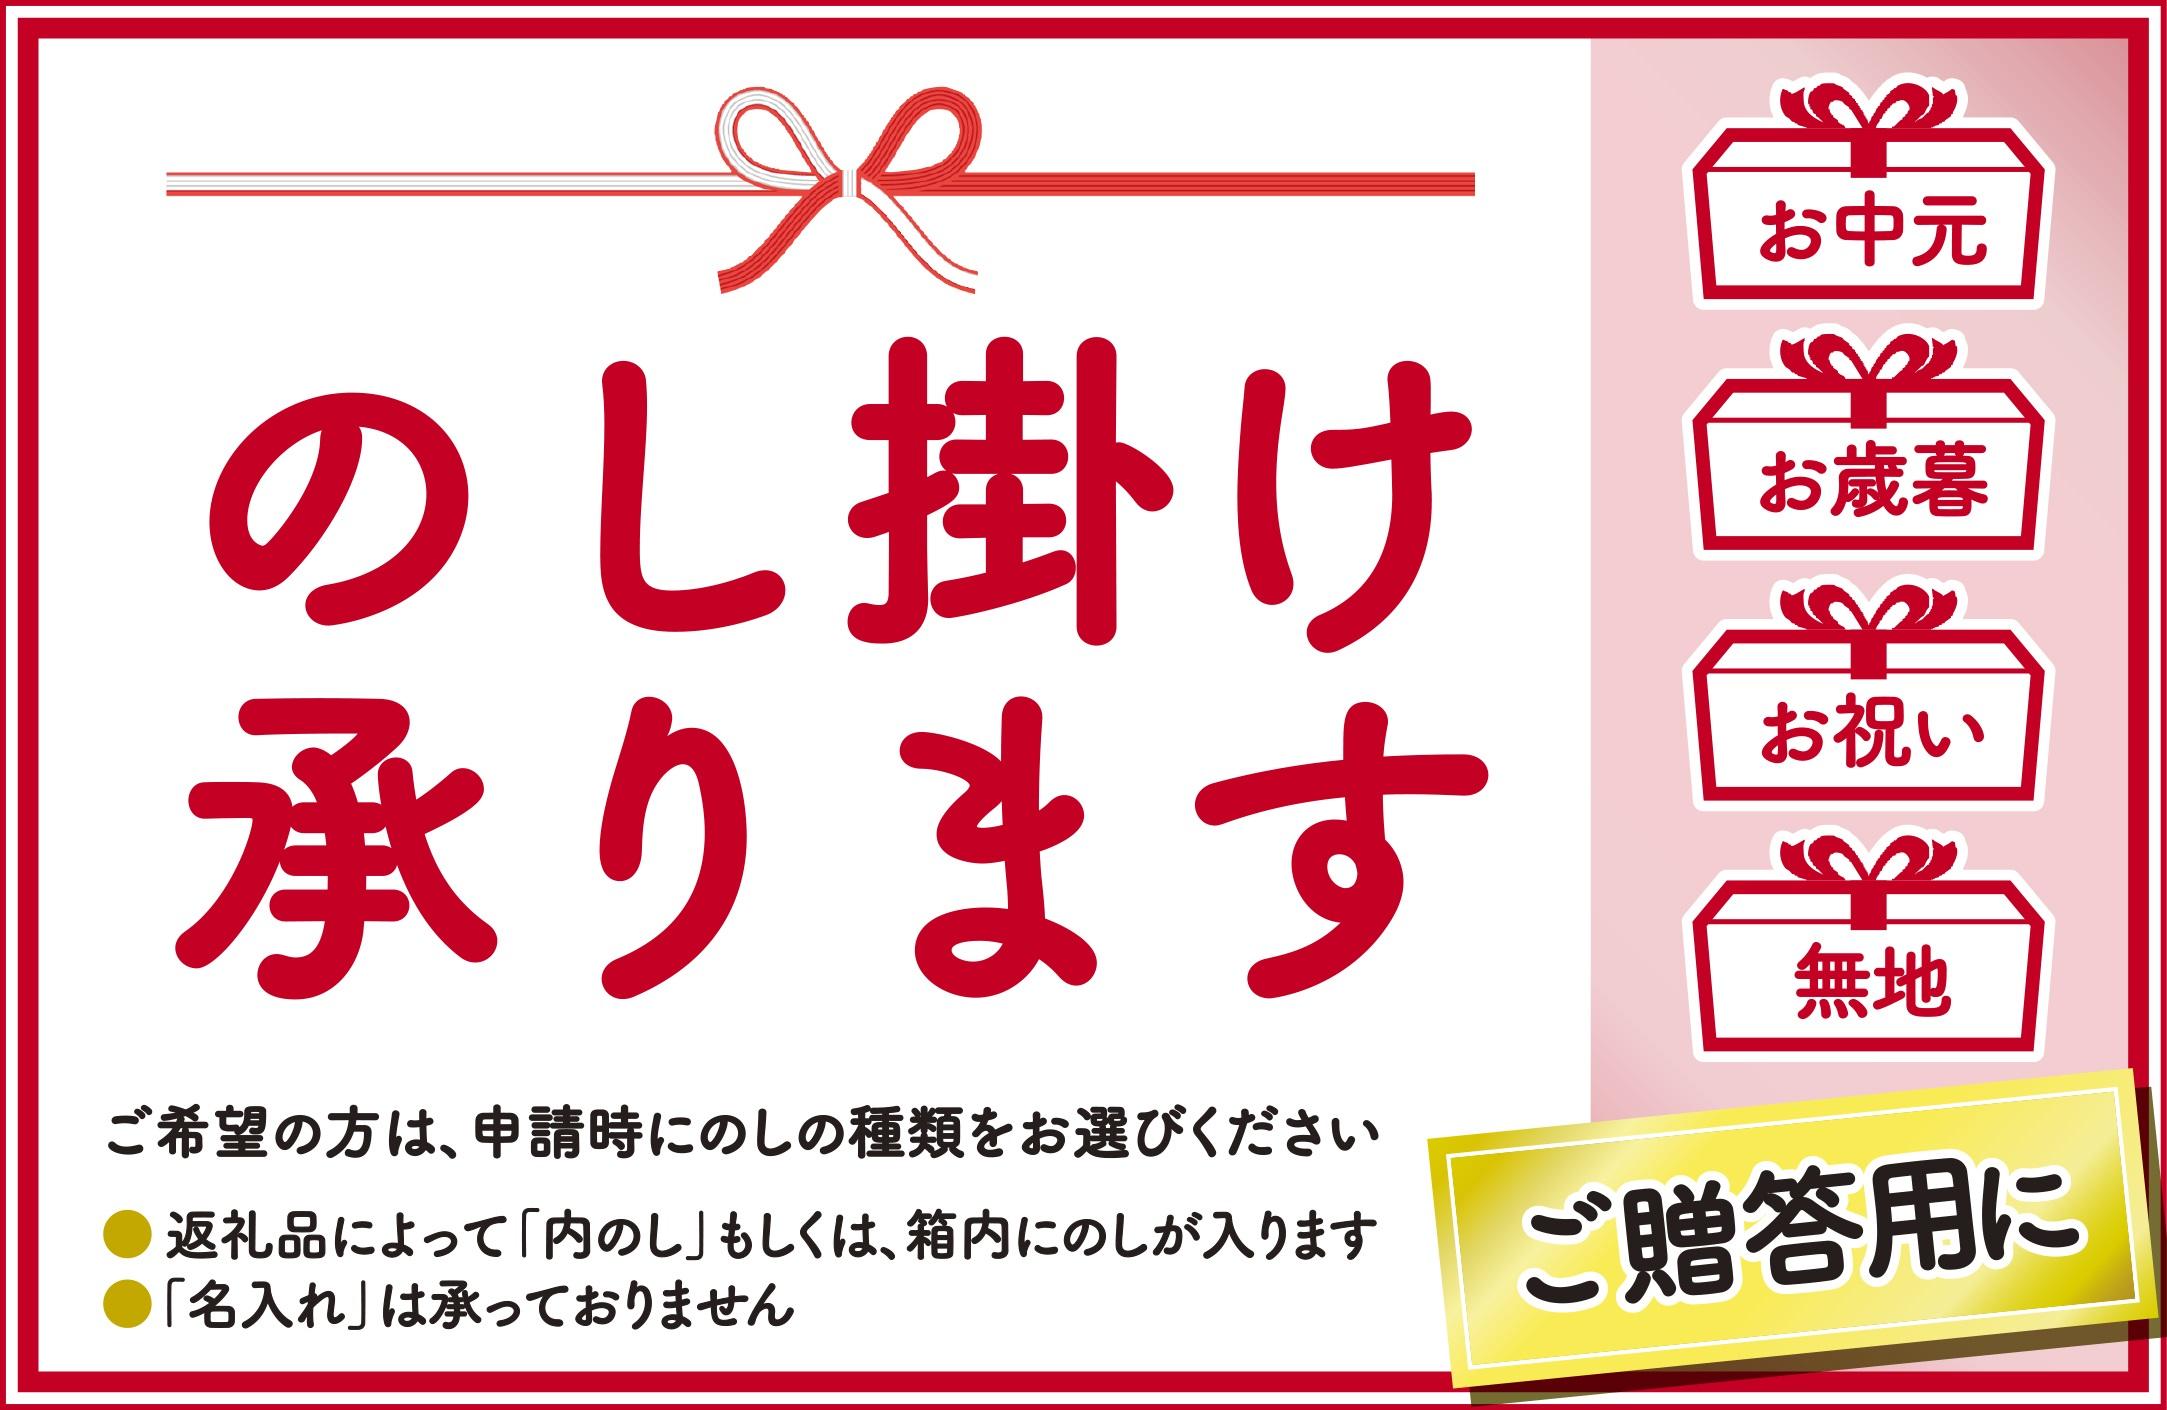 【新型コロナ被害支援】この豚丼のたれ【3本】